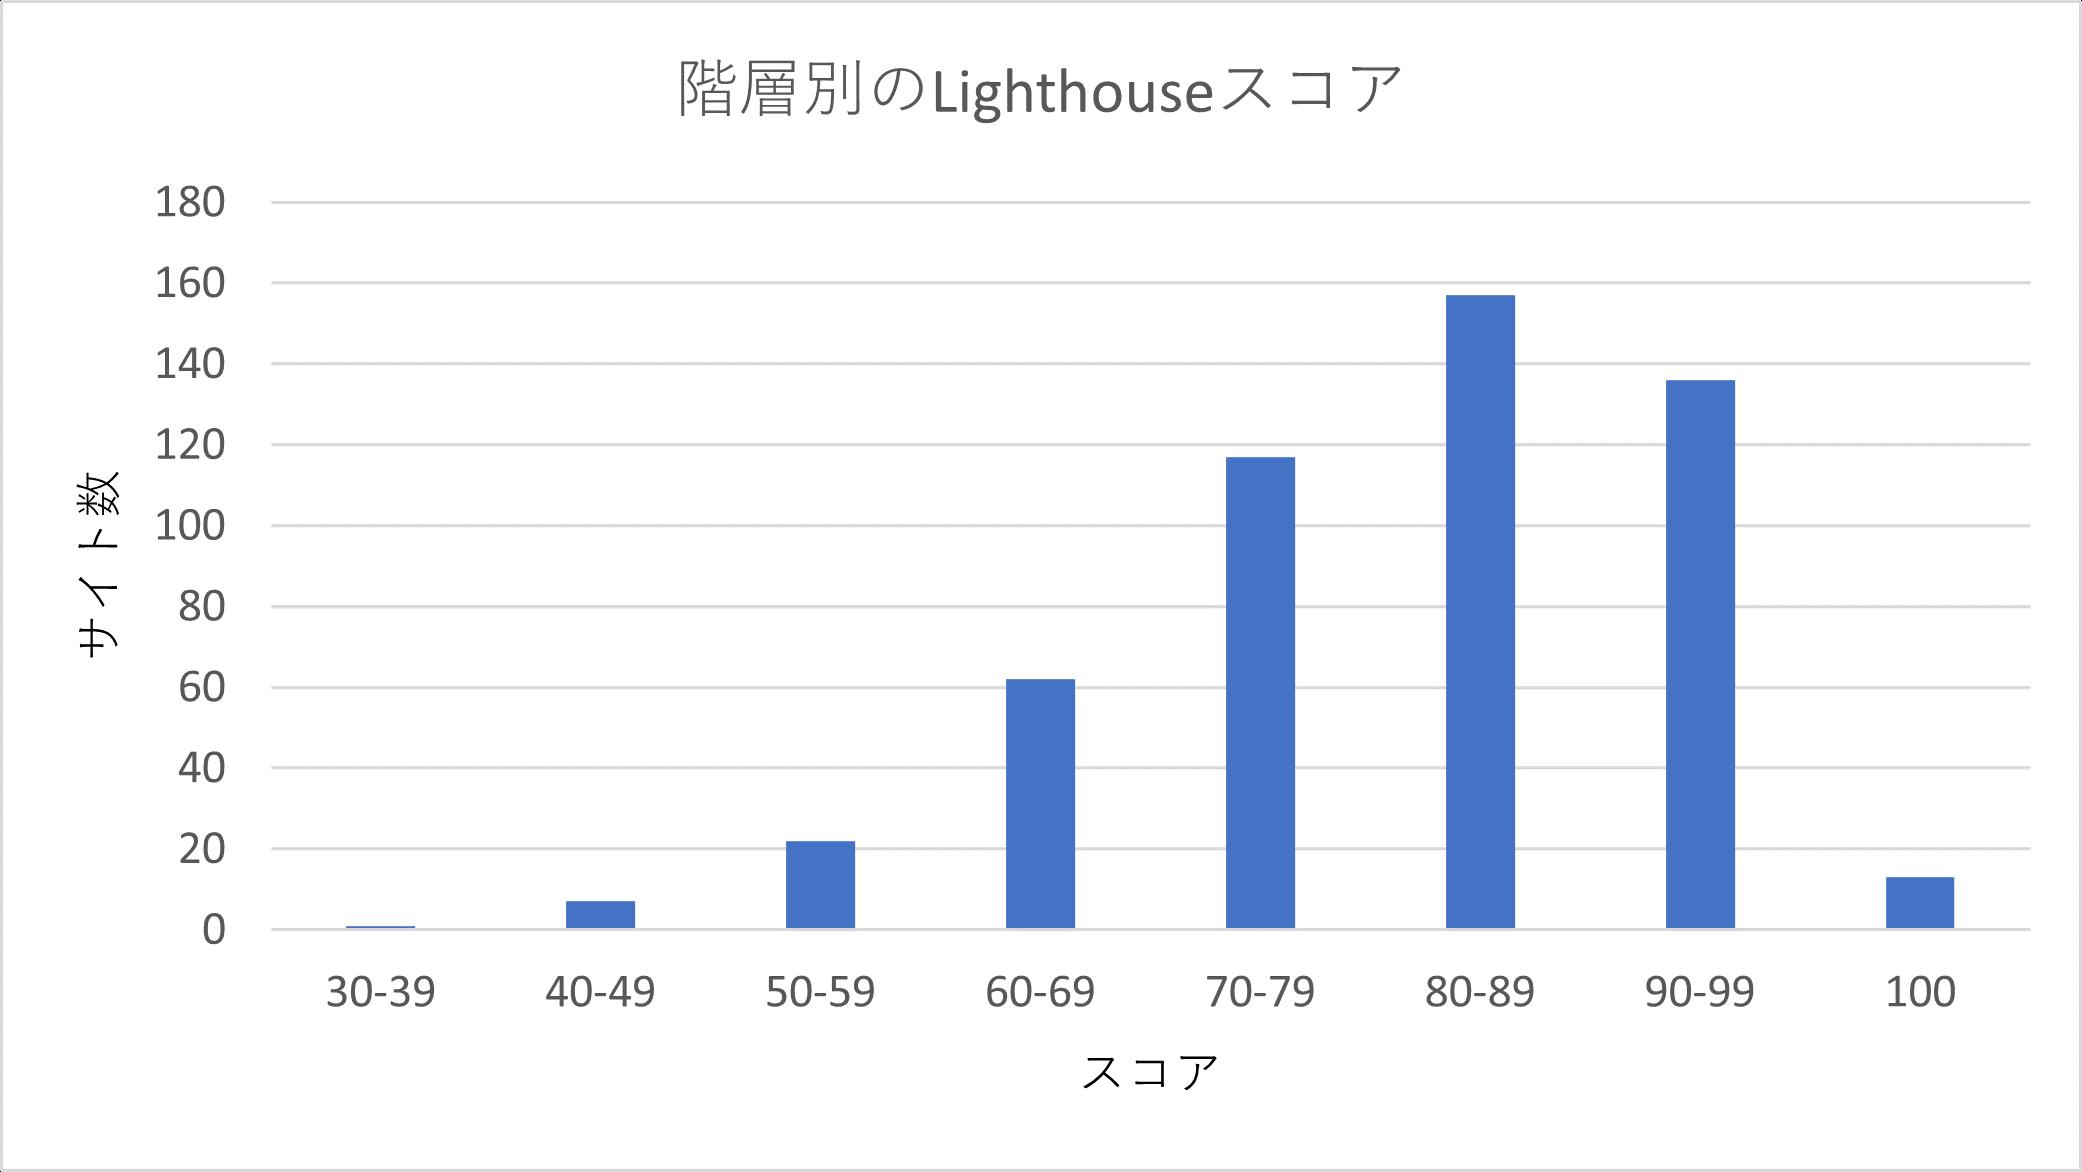 Lighthouseの階層別スコアの棒グラフ